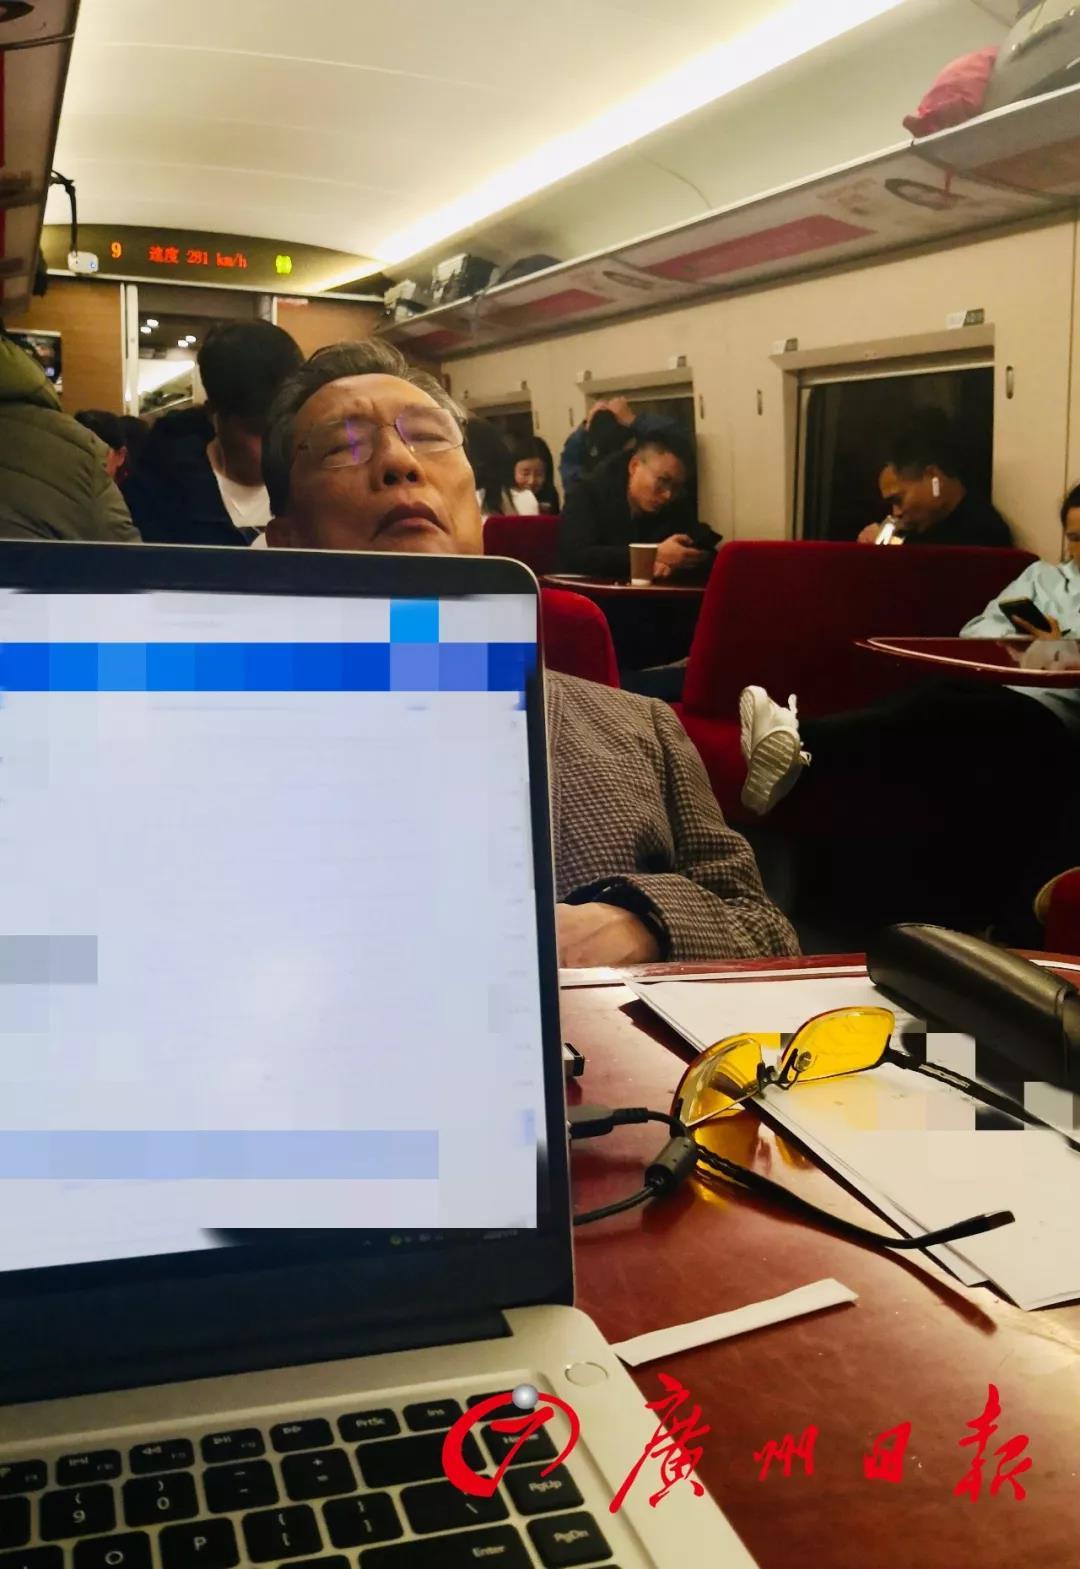 齐齐哈尔小我私人衡宇出租:84岁钟南山再战防疫最火线 两张照片让人肃然起敬